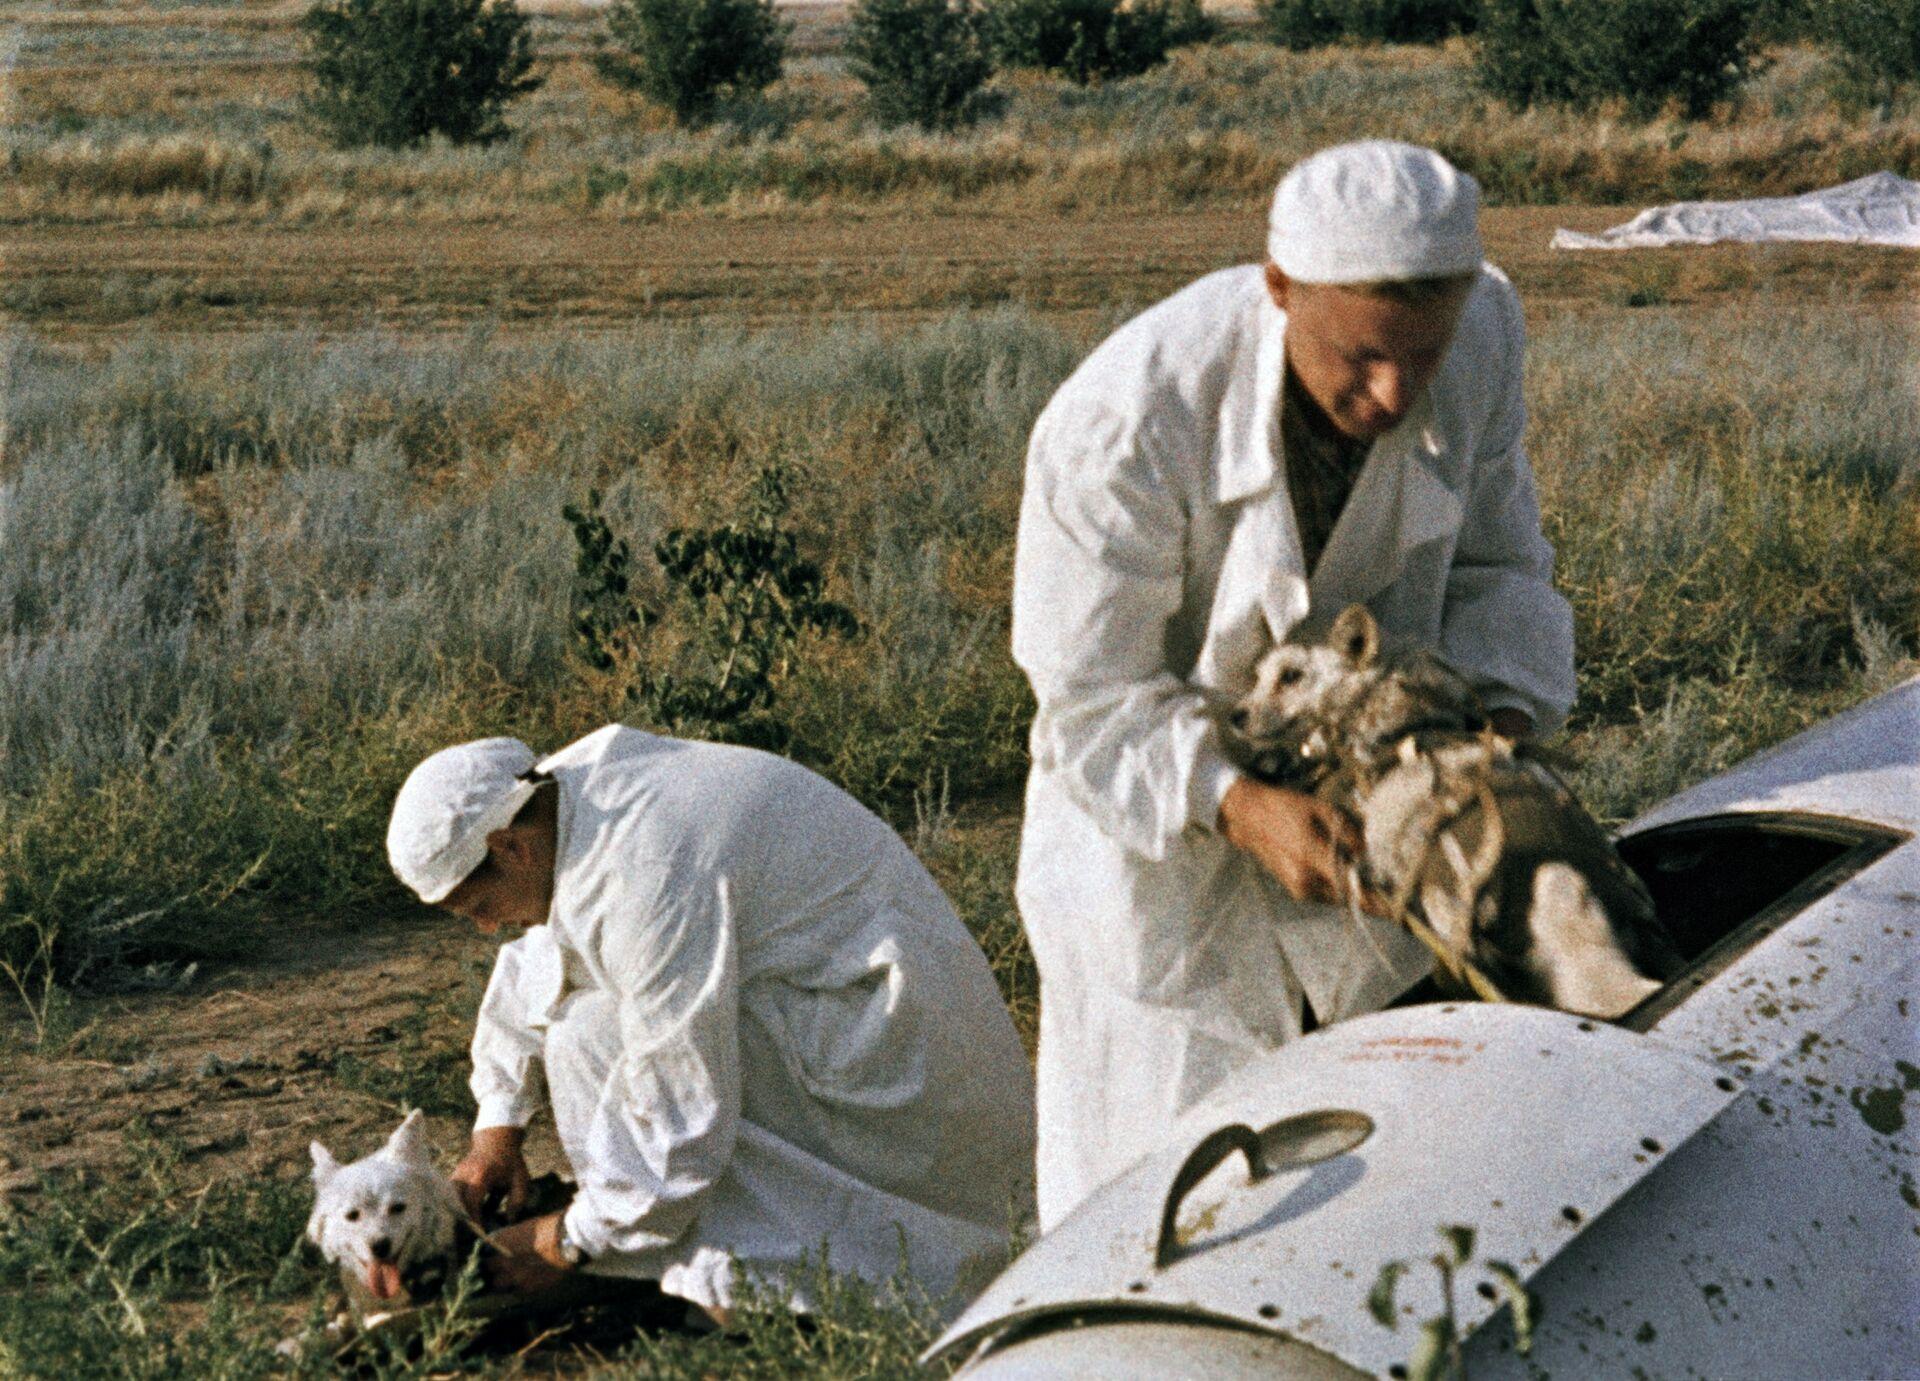 Врачи извлекают подопытных собак из кабины головной части геофизической ракеты на месте приземления. - Sputnik Latvija, 1920, 01.06.2021